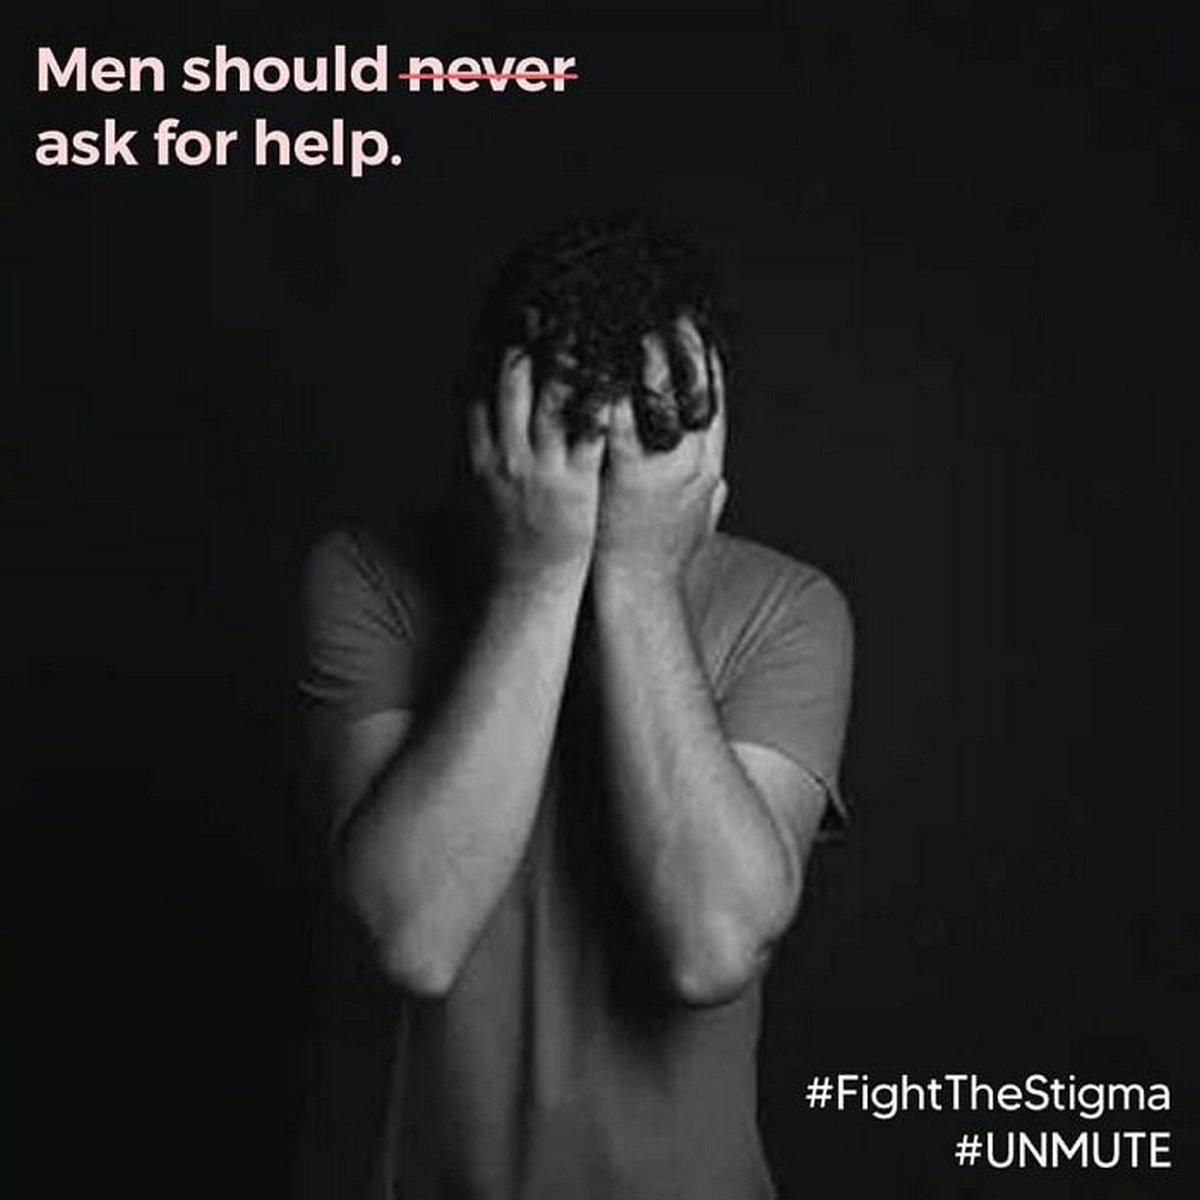 Cette campagne met en évidence la masculinité toxique et montre à quel point c'est dangereux